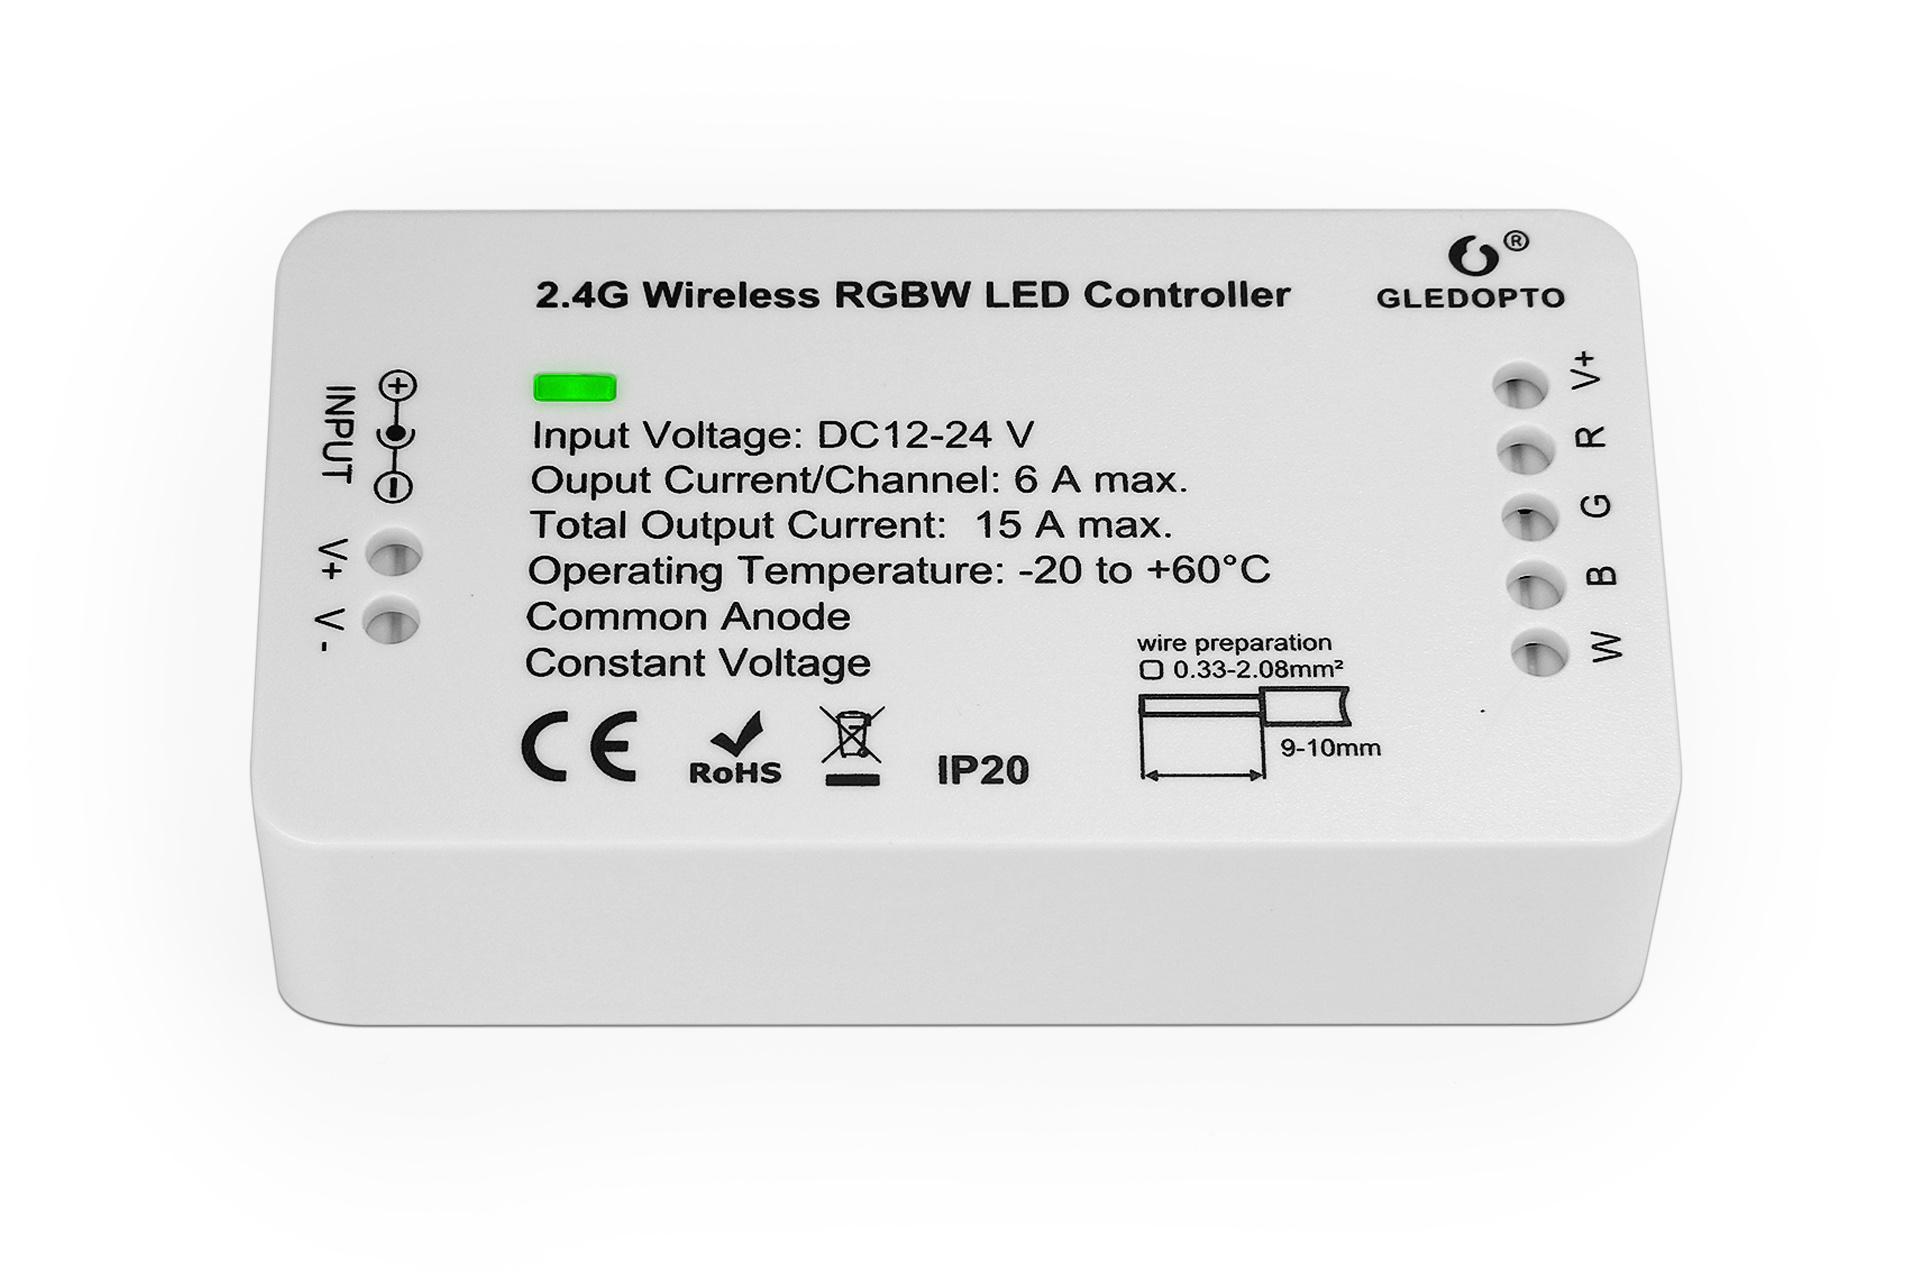 GLEDOPTO RGBW Controller ZigBee Light Link (ZLL) GLEDOPTO GL-C-007